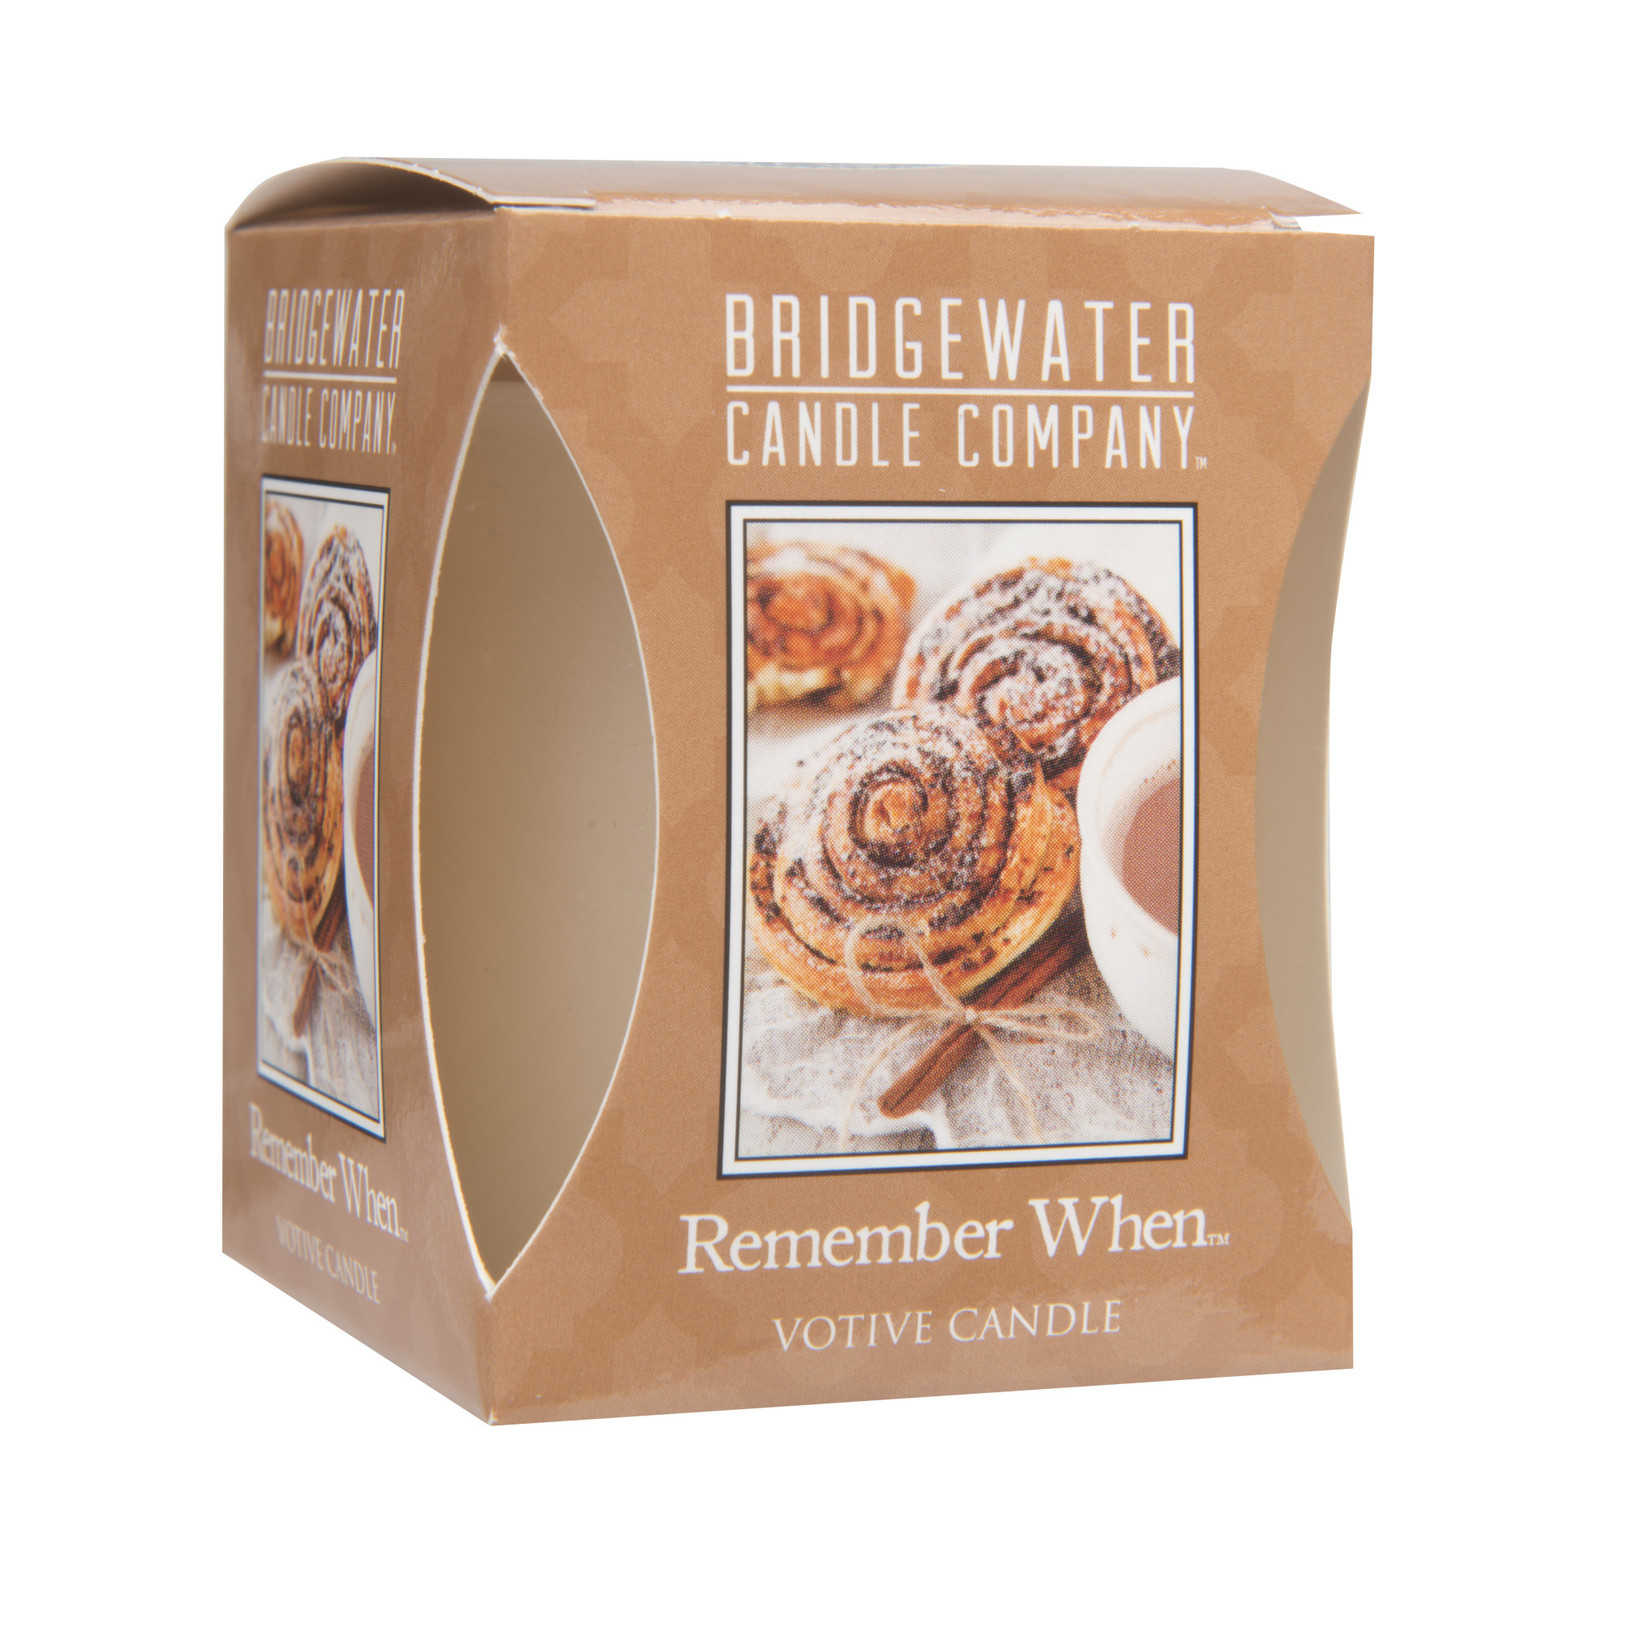 Bridgewater Votive Candle / Geurkaarsje Remember When